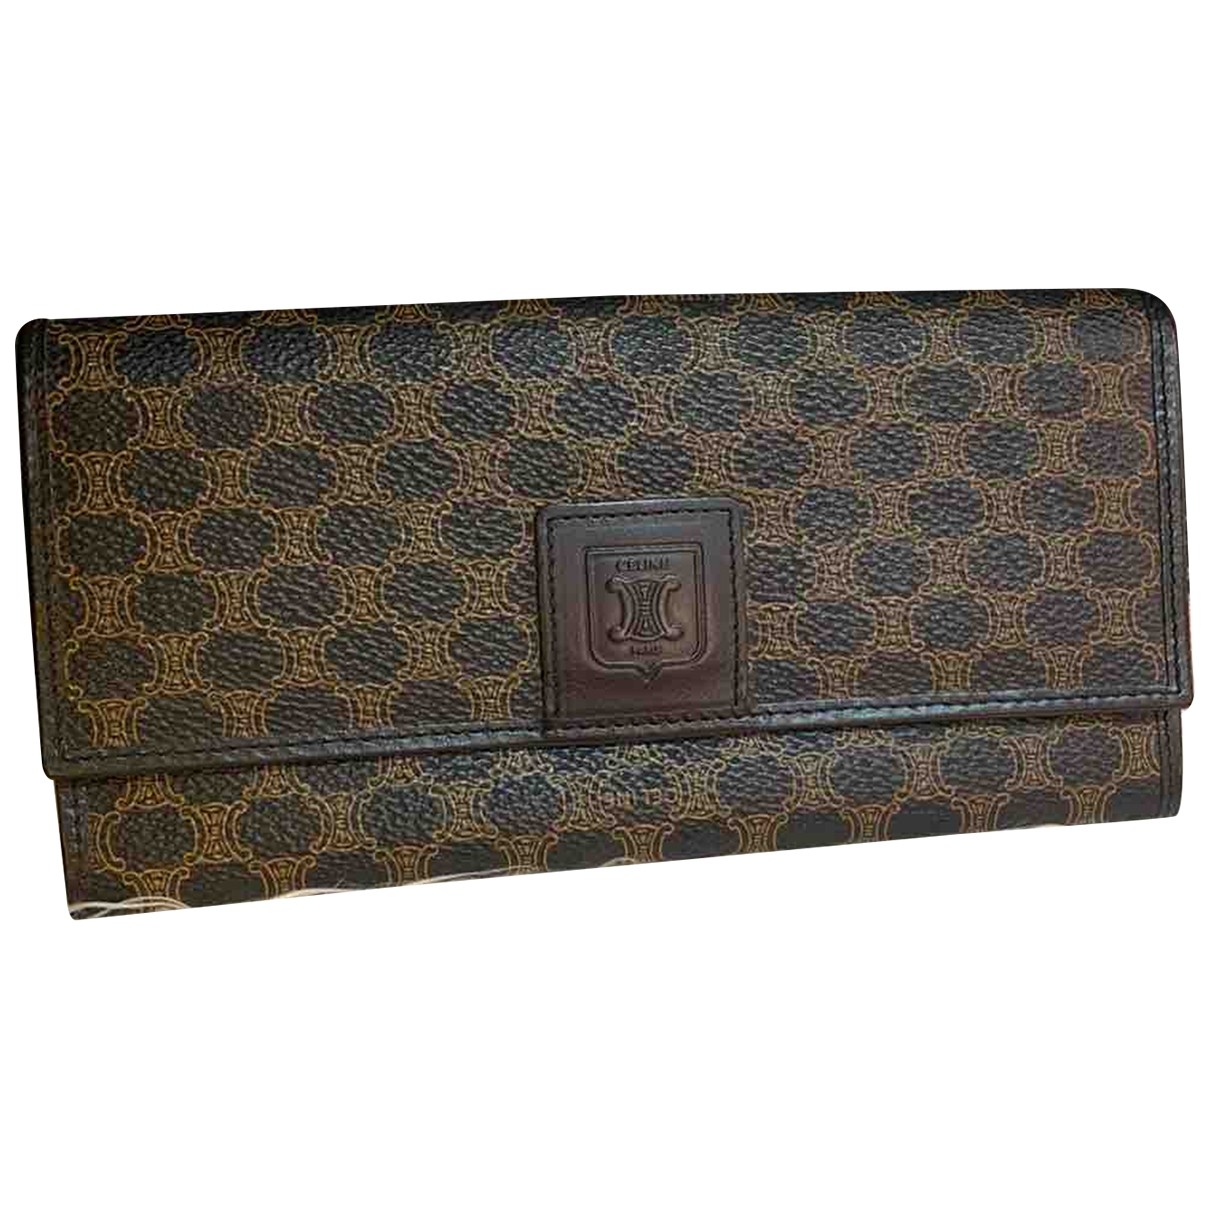 Celine \N Black Cloth wallet for Women \N